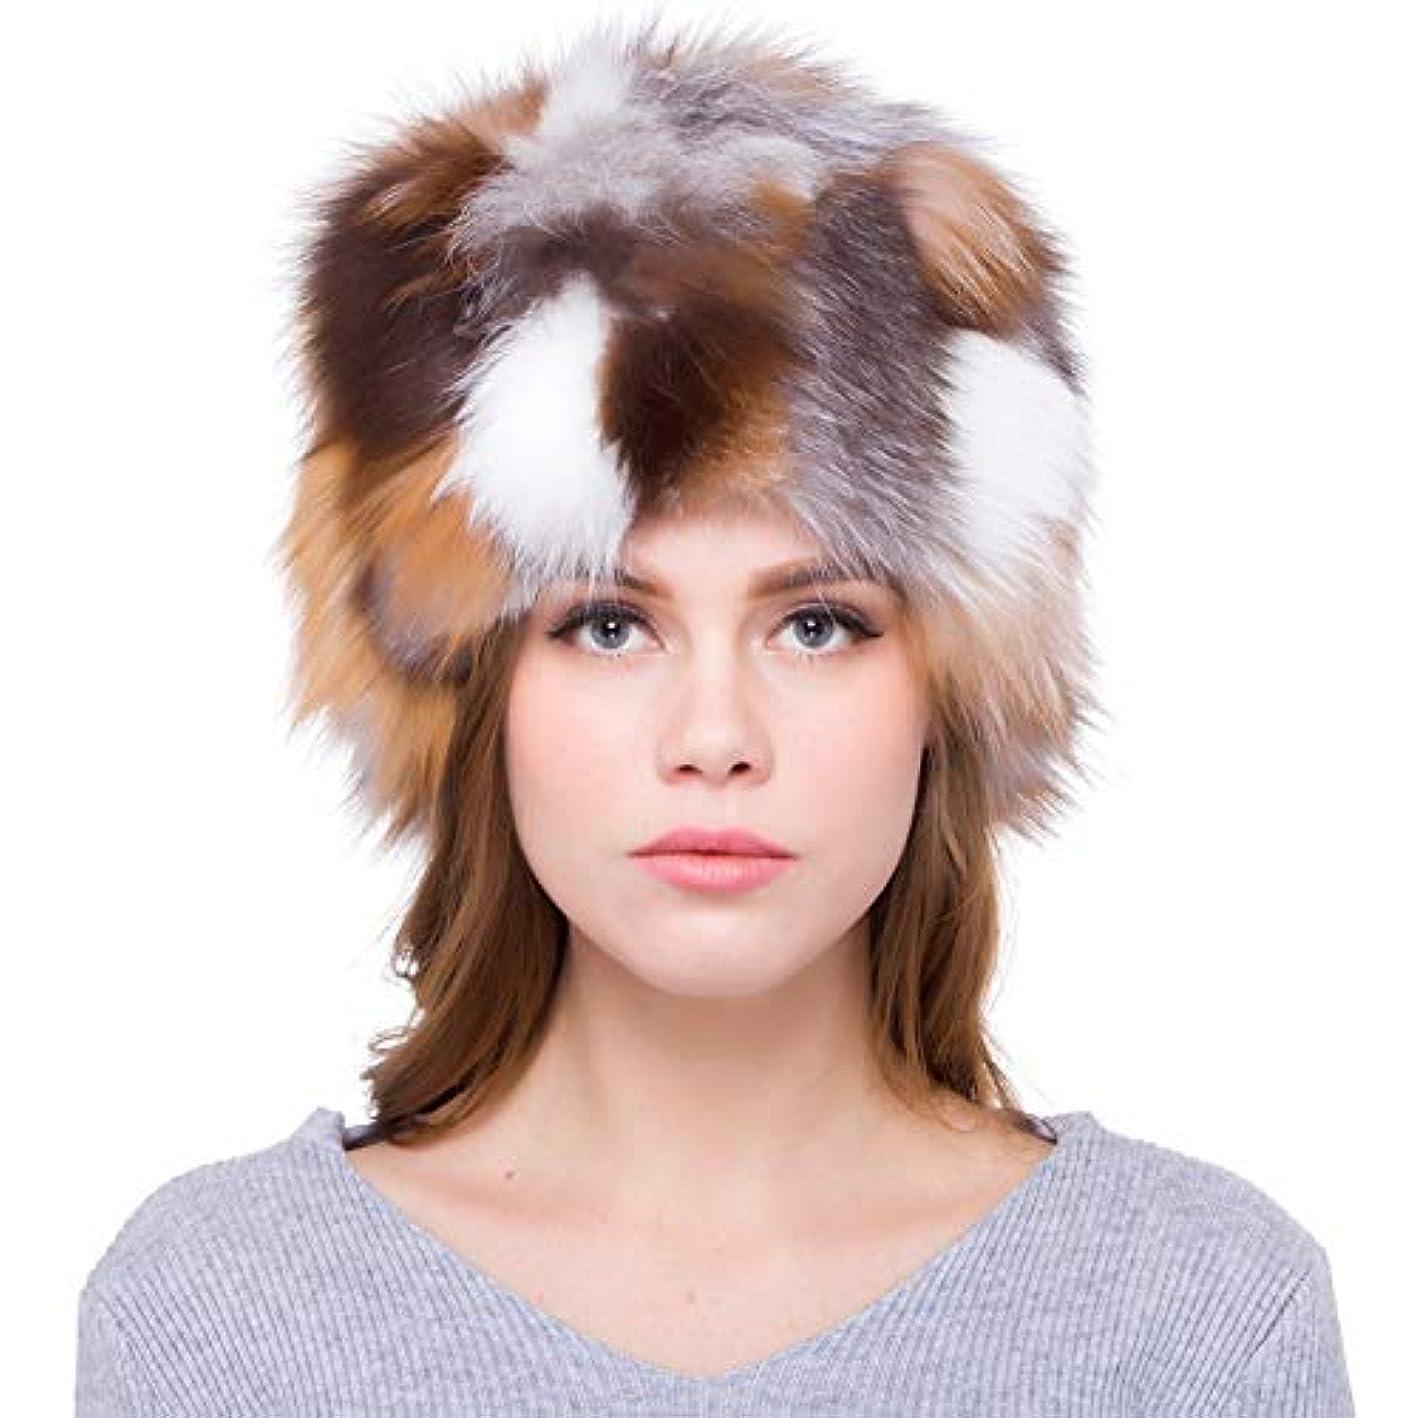 学習遅滞教えACAO さんの秋と冬の屋外の寒さと暖かい毛皮の帽子をステッチ と冬のファッションキツネの毛皮の帽子 (色 : Plain spell, Size : L)